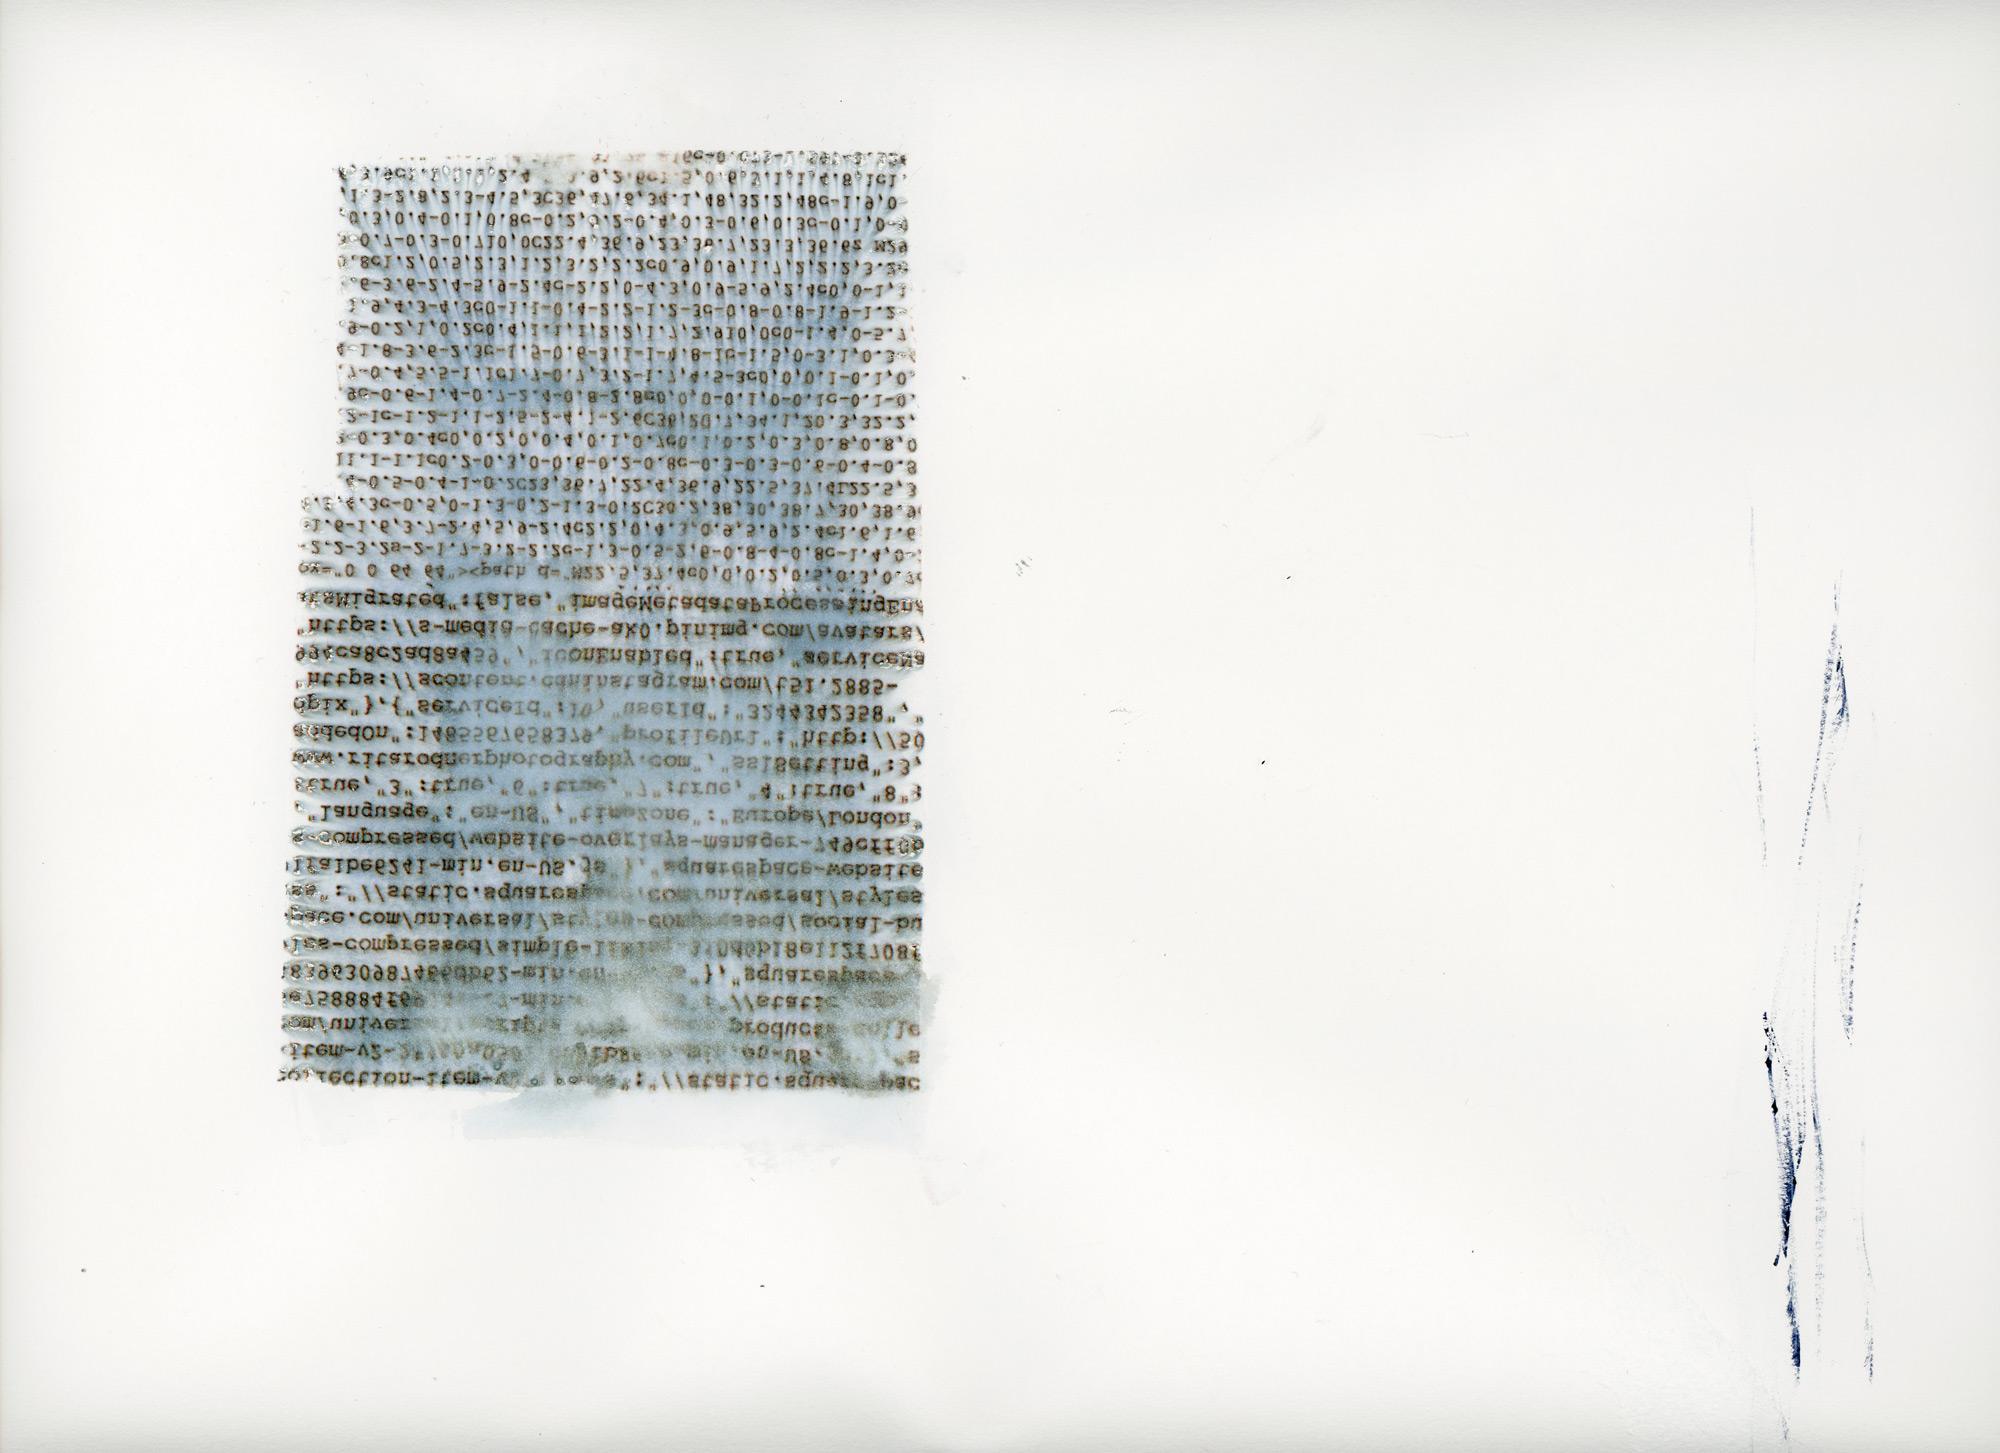 RRodner-Acetate-Text3.jpg